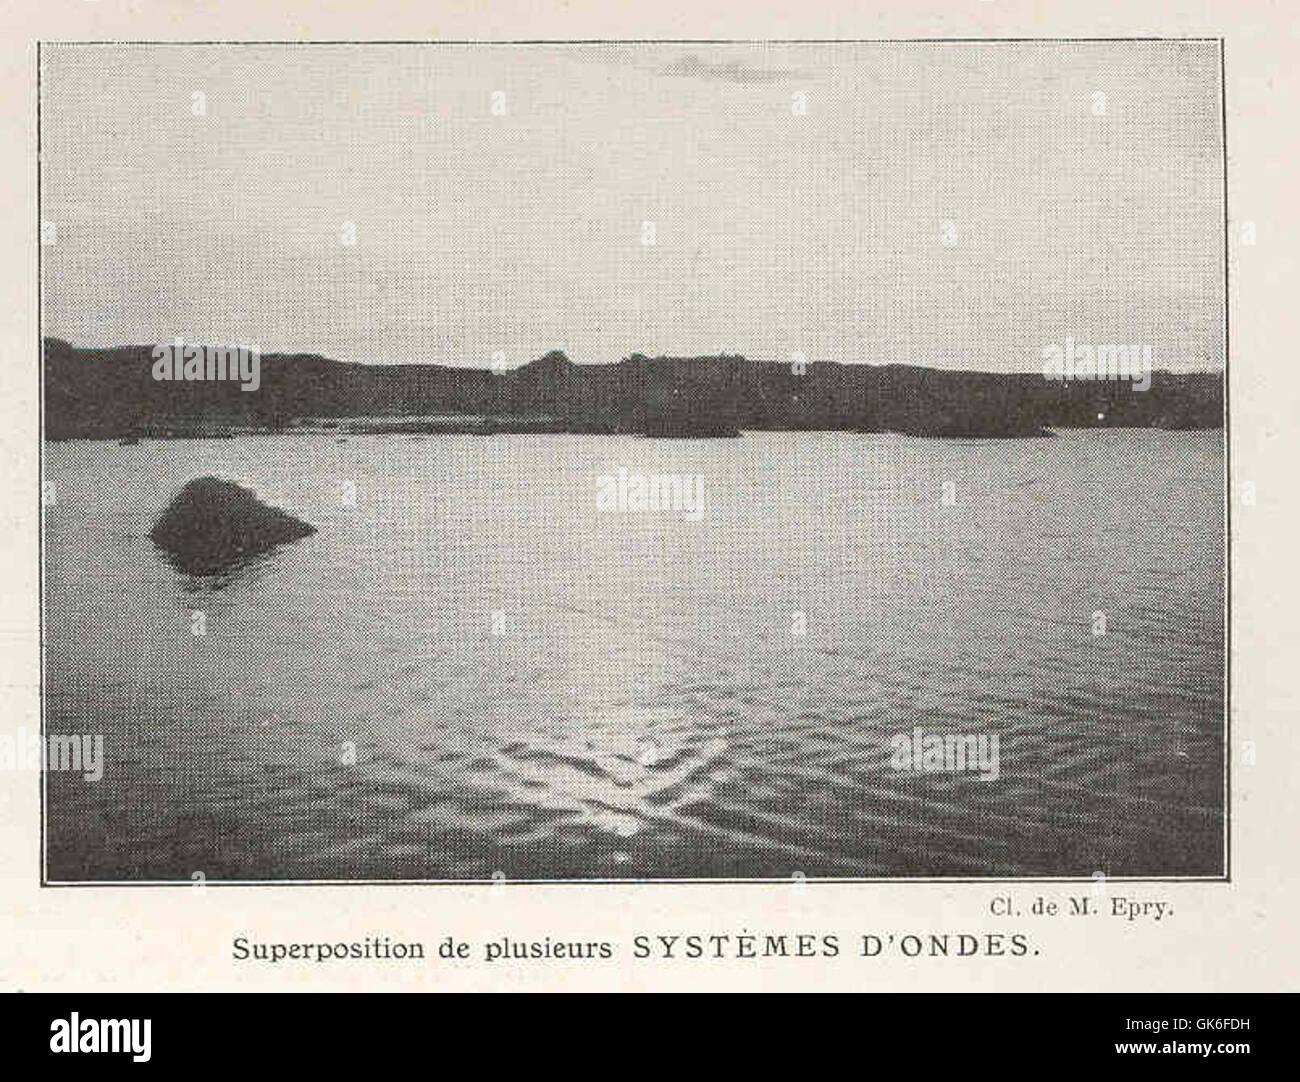 36853 Superposition de Plusieurs Systemes d'Ondes - Stock Image